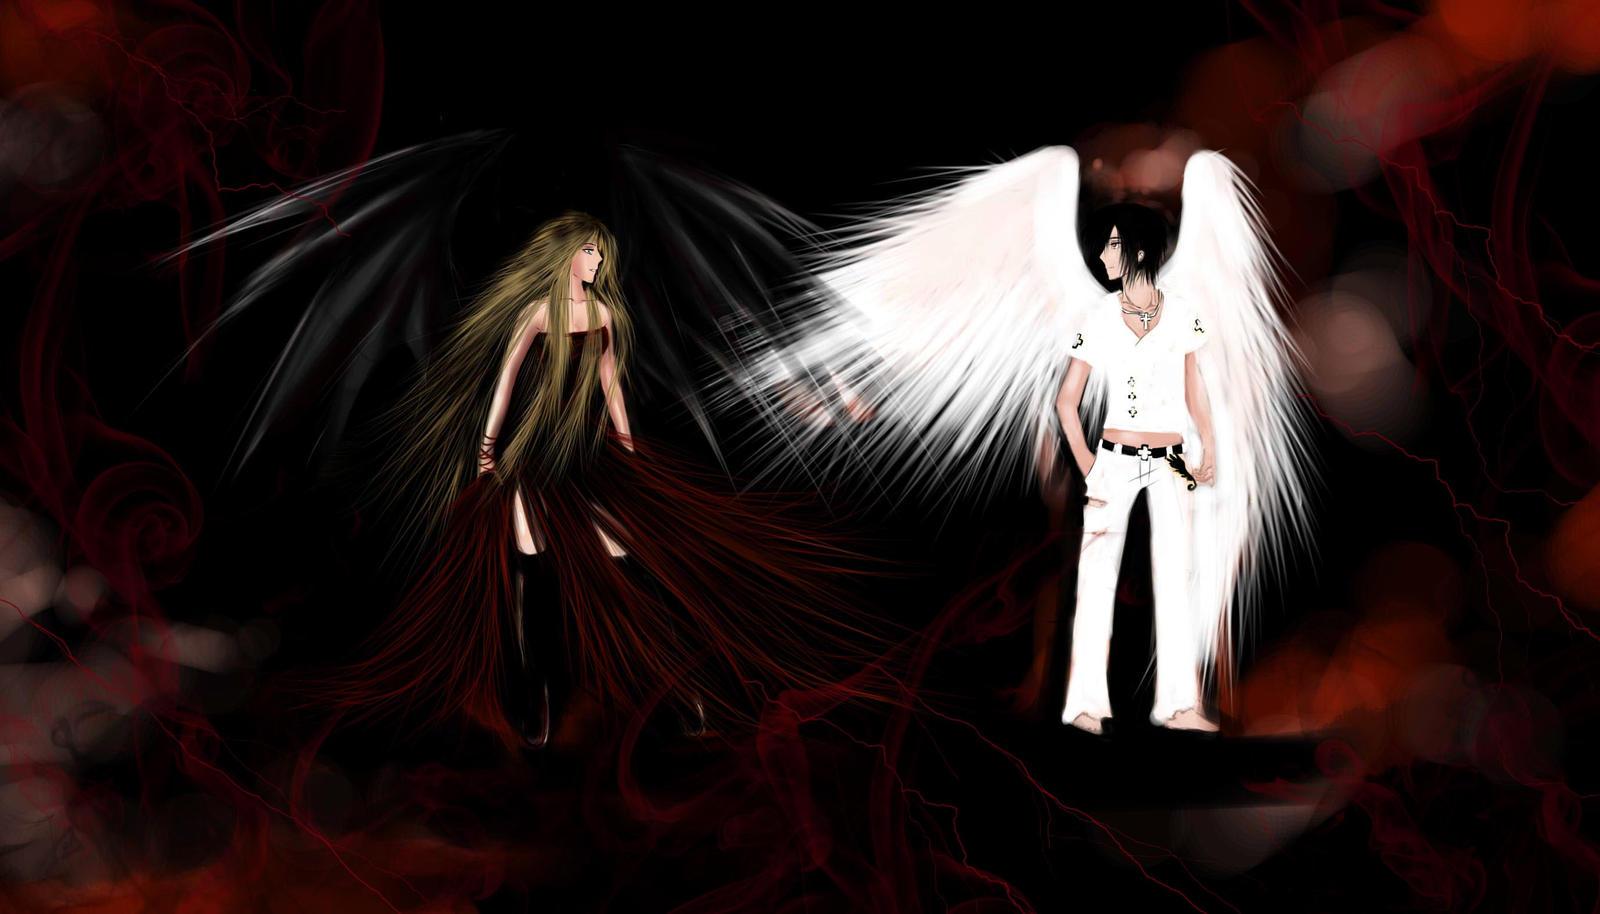 Кто ты? Дьявол или ангел? 100